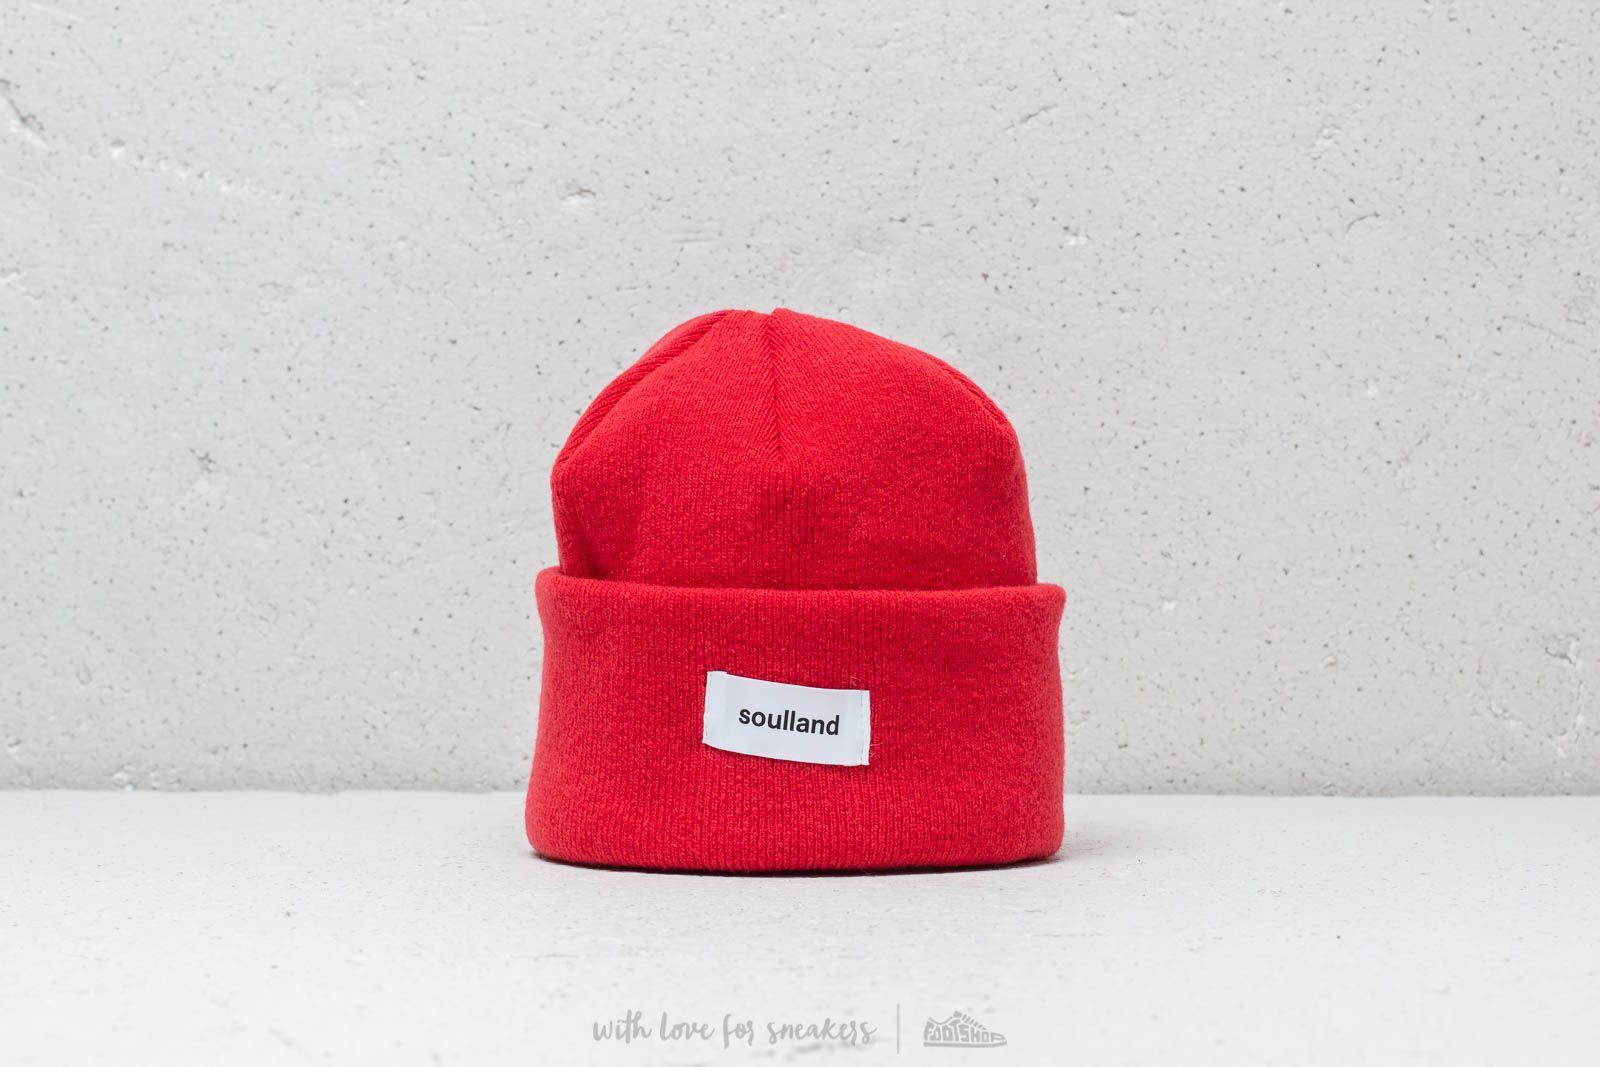 Soulland Villy Beanie Blood Red za skvelú cenu 28 € kúpite na Footshop.sk